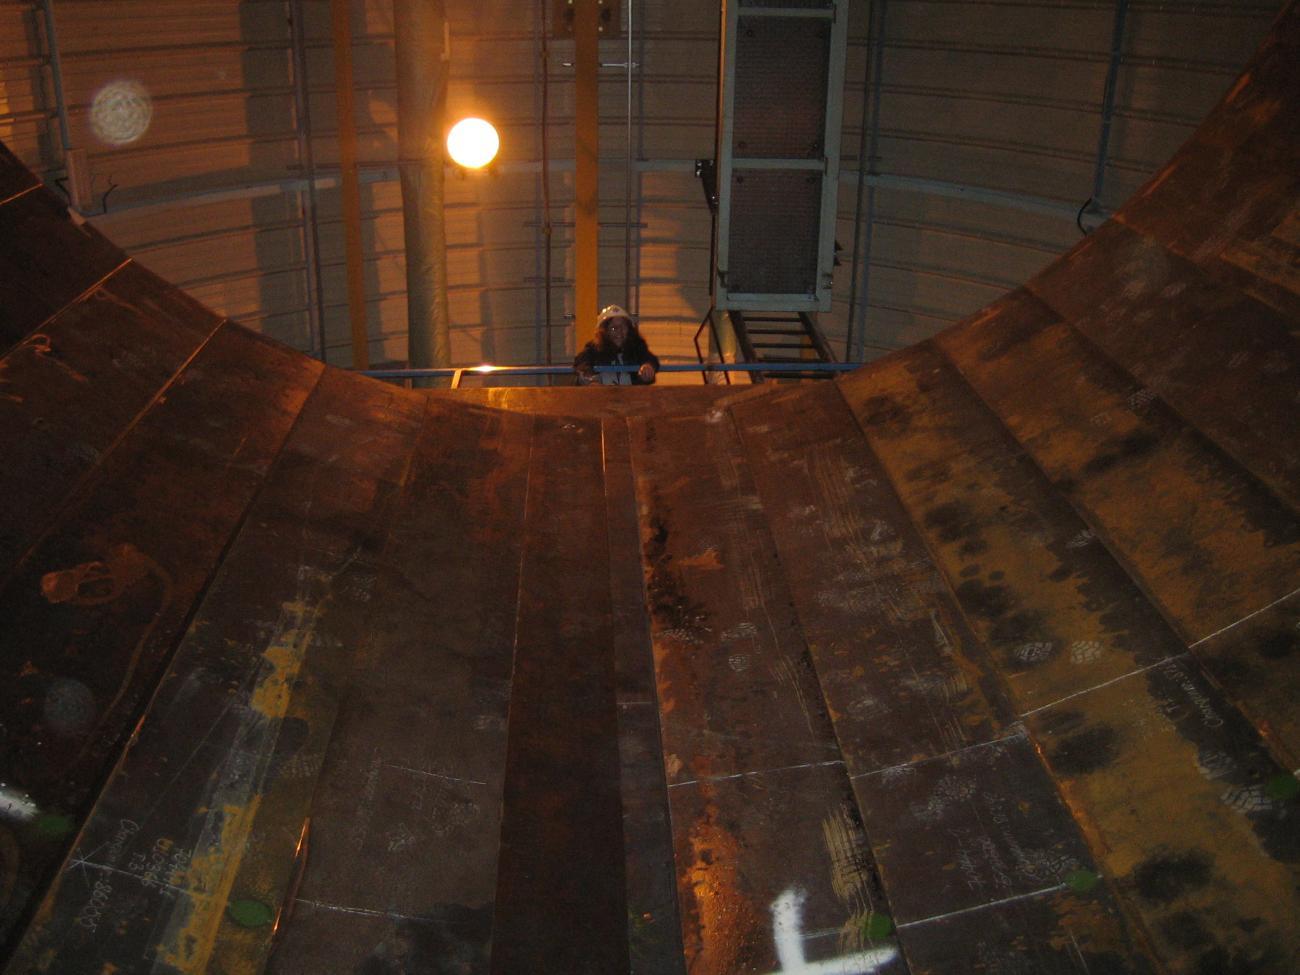 Vue du laboratoire neutrino depuis le fond du puits à 7 m de profondeur